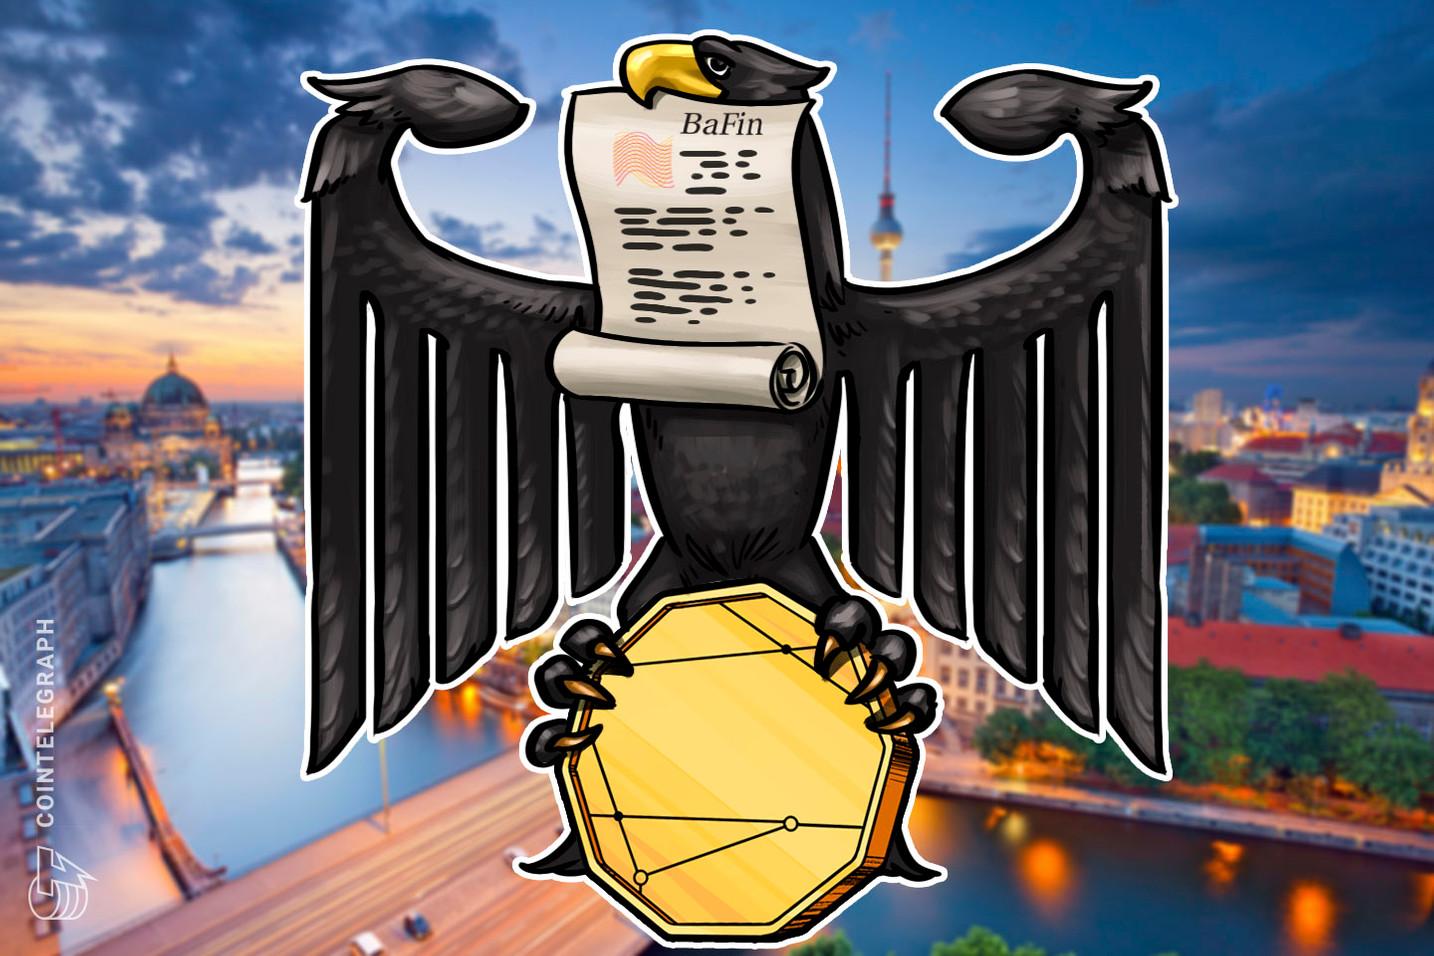 BaFin: Verbot binärer Optionen für Kleinanleger bleibt bestehen